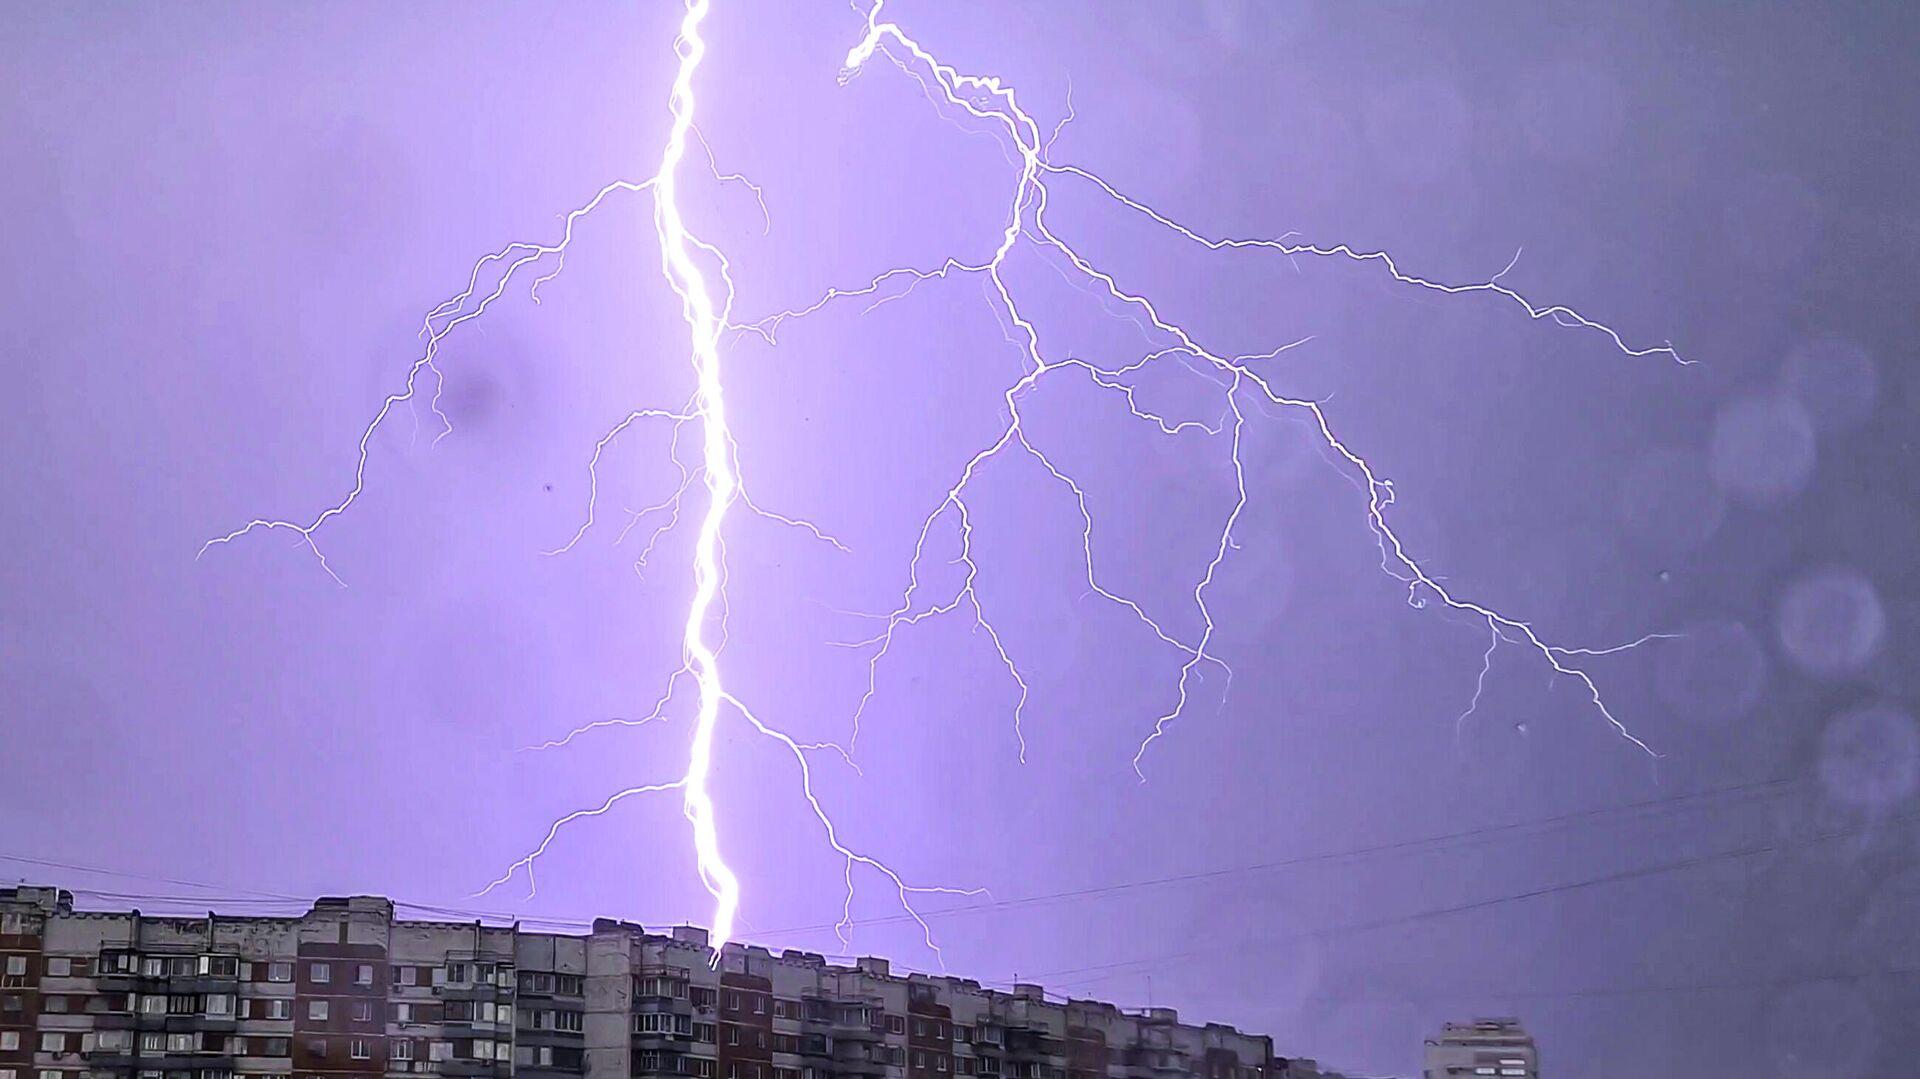 Дождь в Москве - РИА Новости, 1920, 04.07.2020